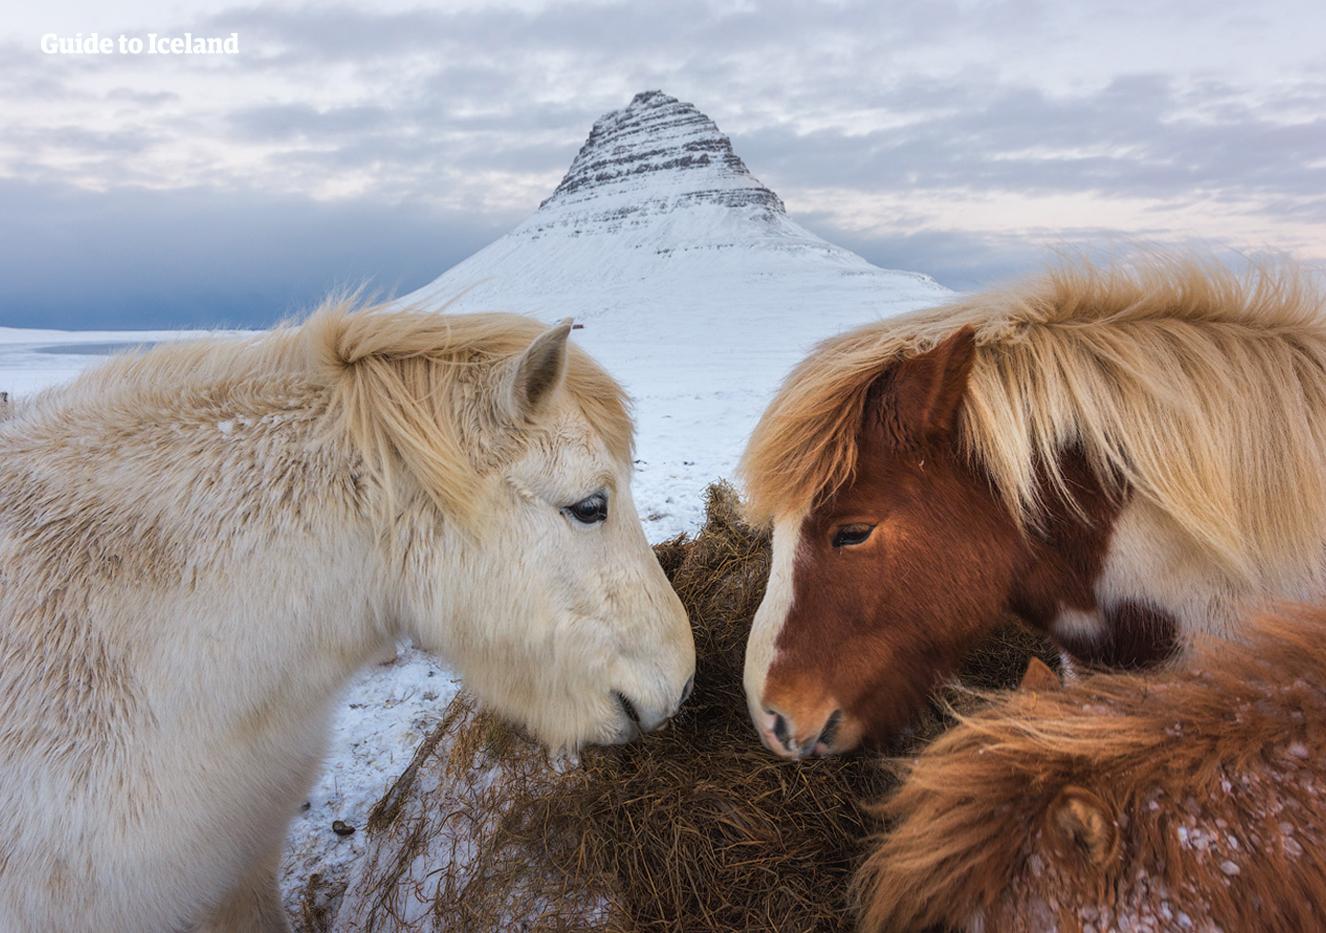 Islandpferde und der ikonische Berg Kirkjufell auf der Snaefellsnes-Halbinsel.